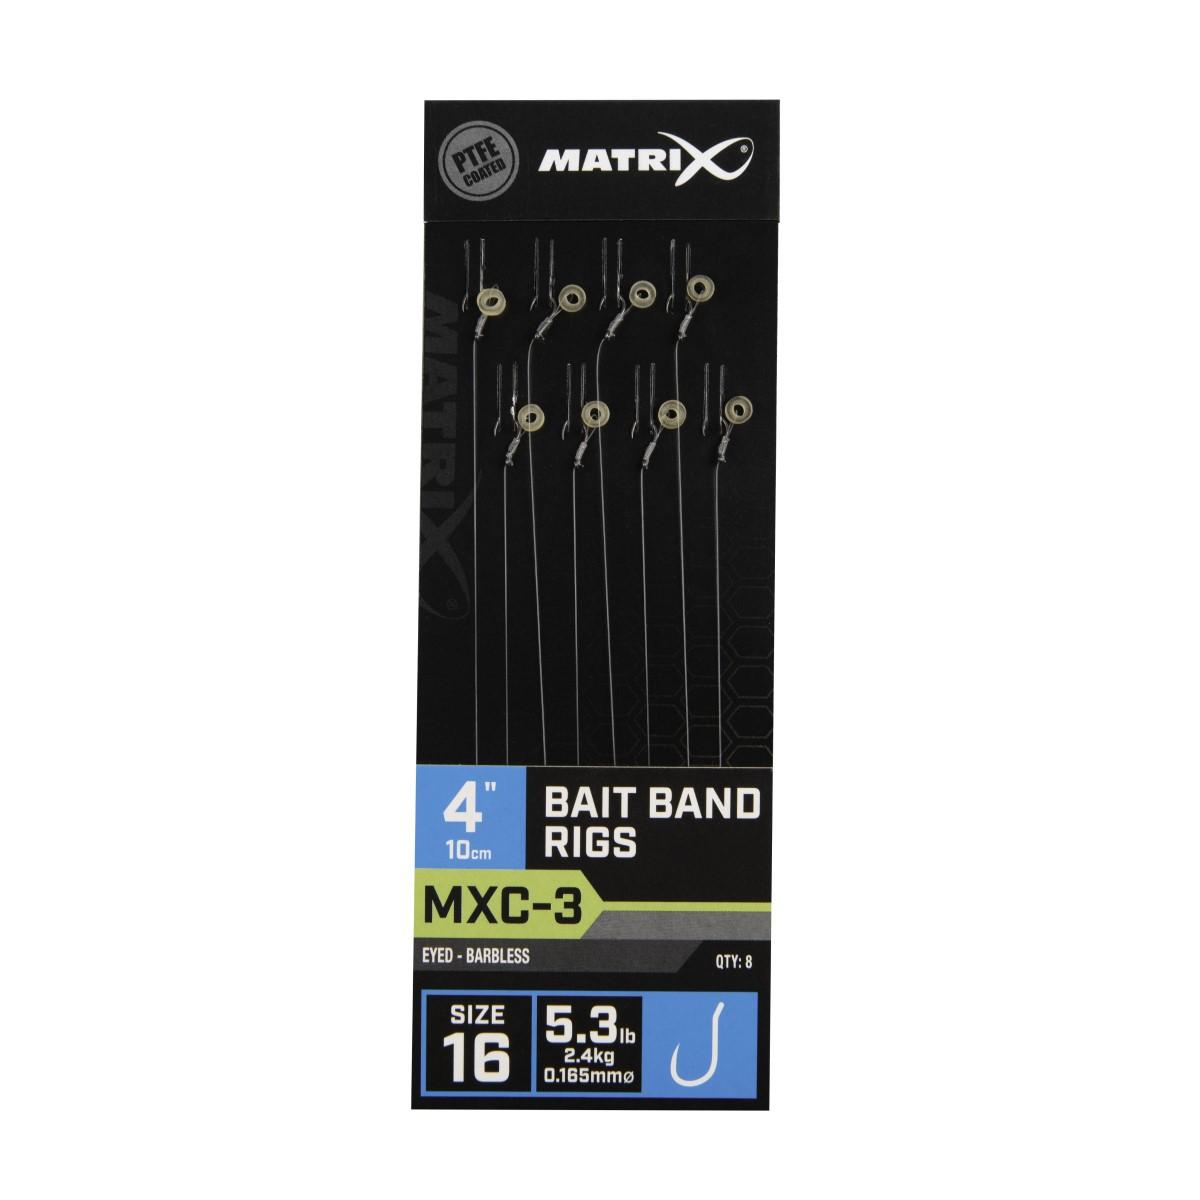 Вързани куки Matrix MXC-3 Bait Band Rigs 10cm №16